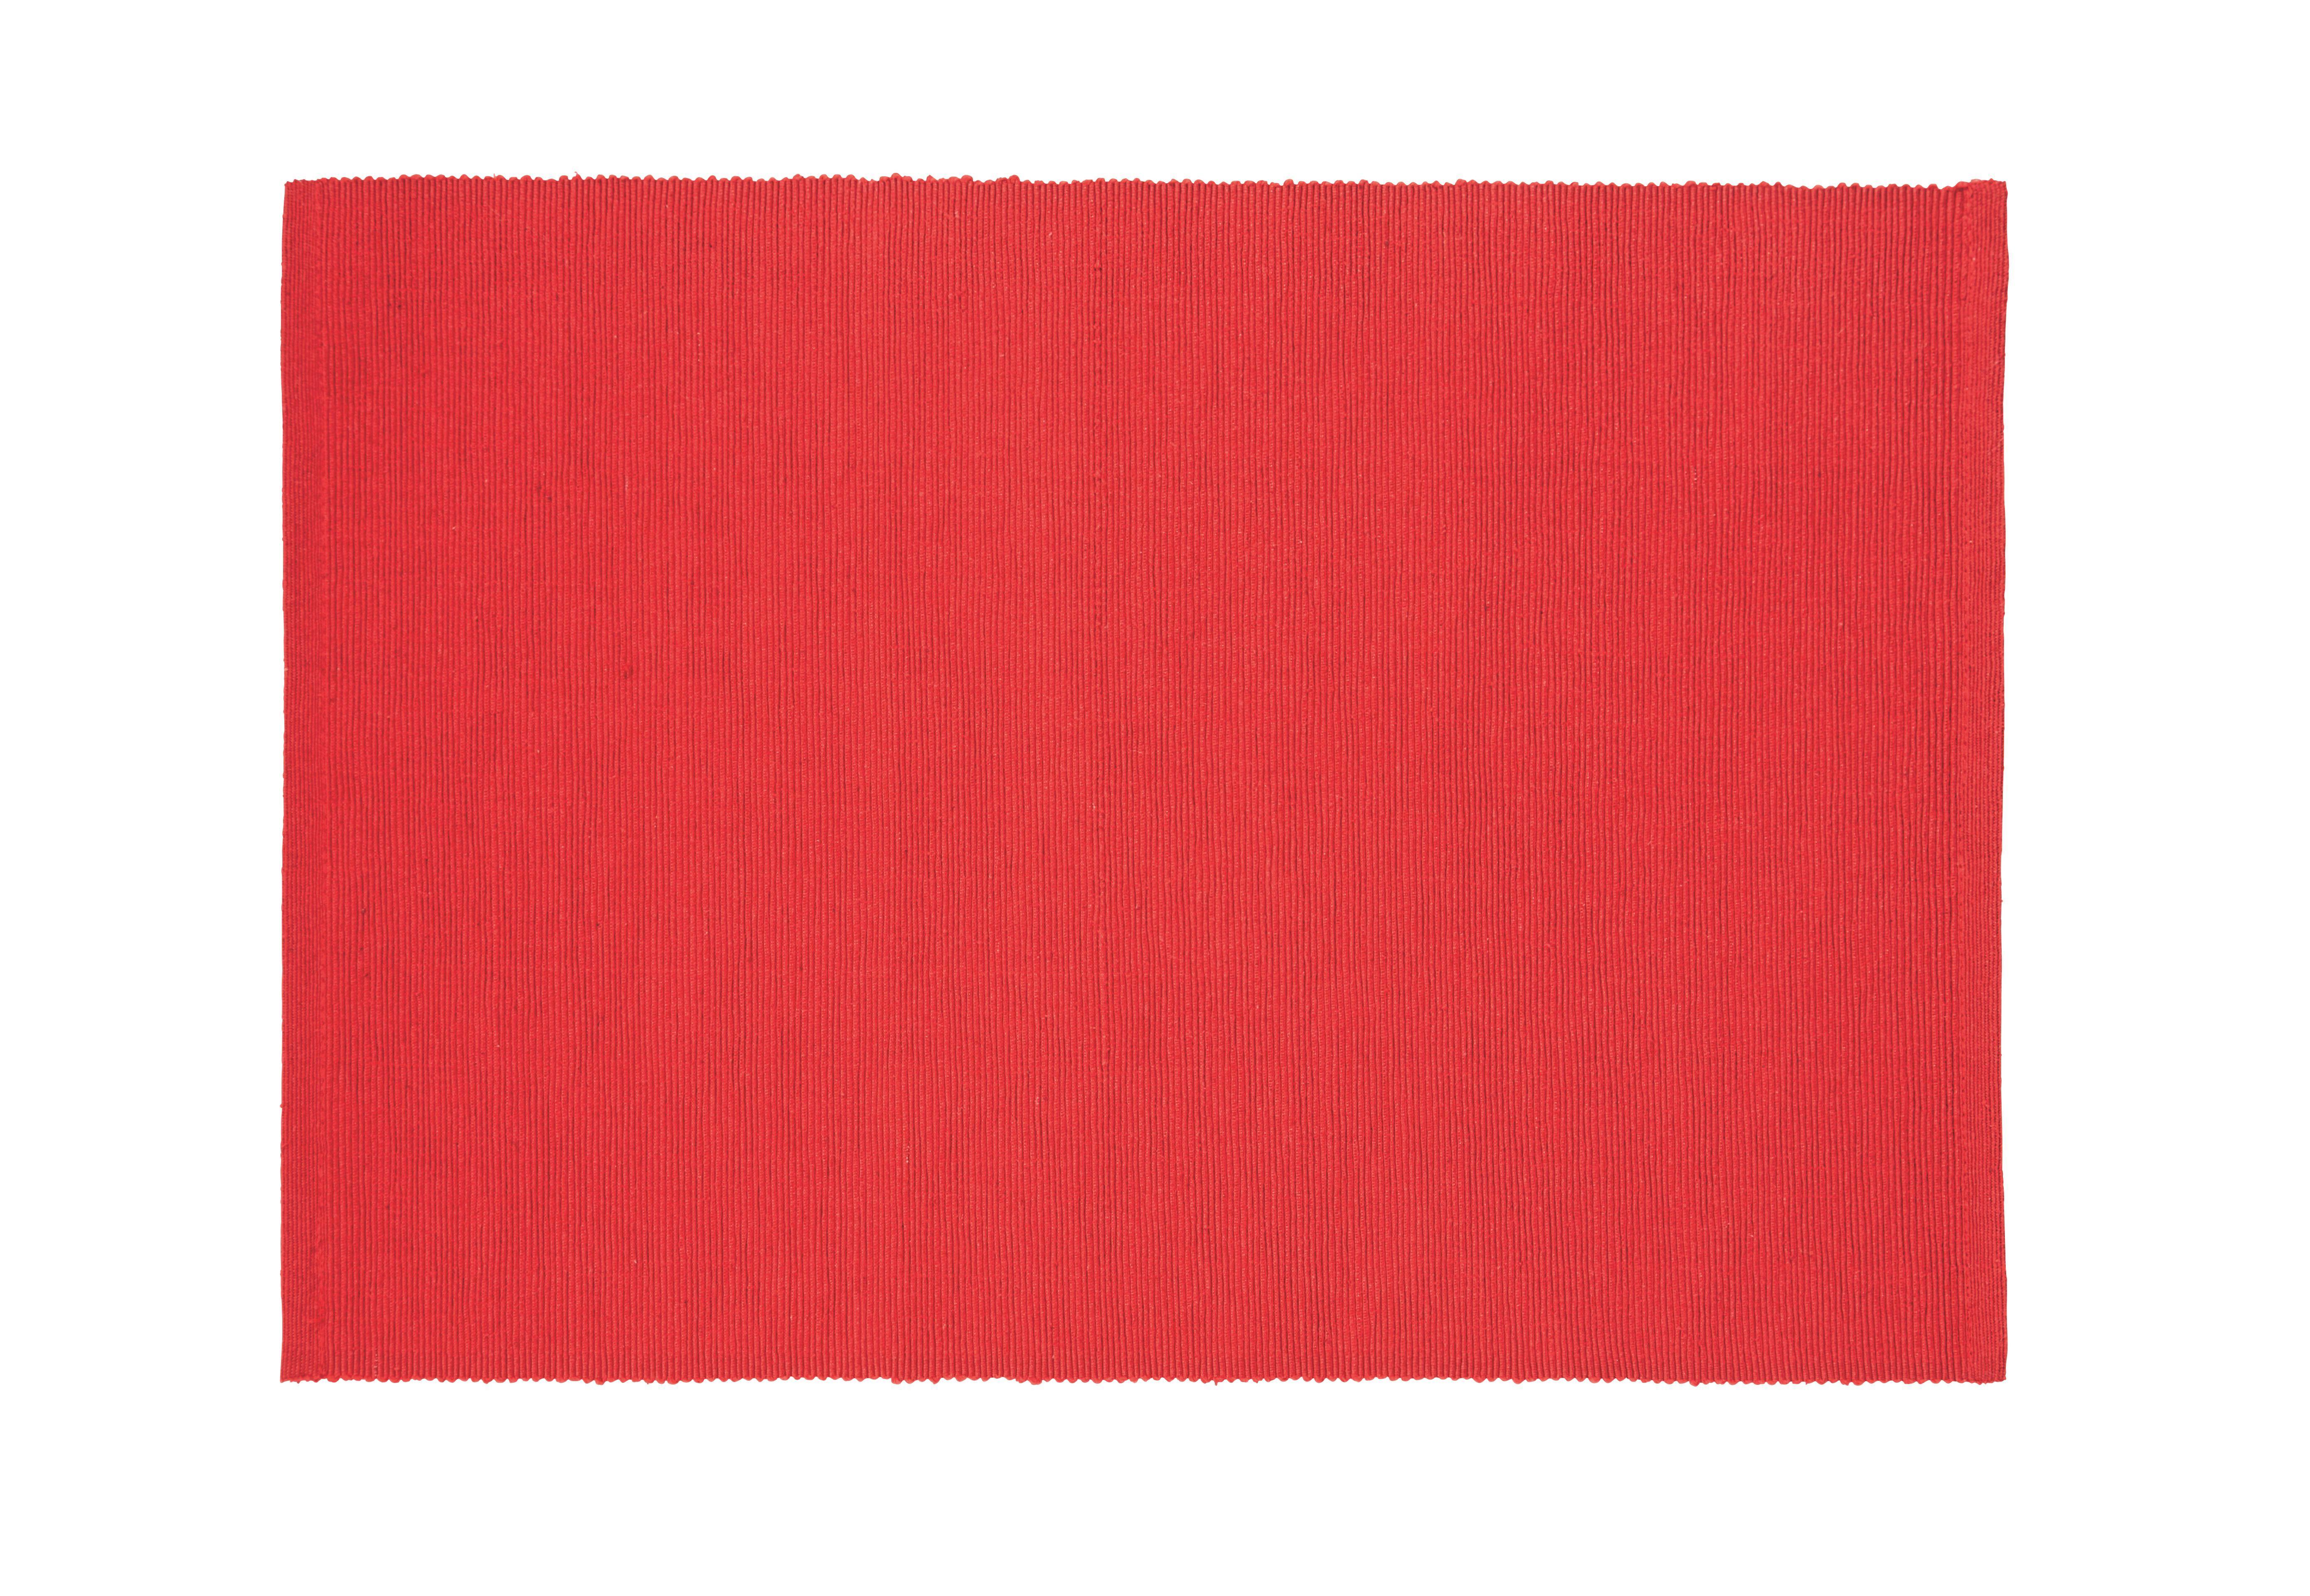 ASZTALI SZETT MAREN - piros, textil (33/45cm) - BASED